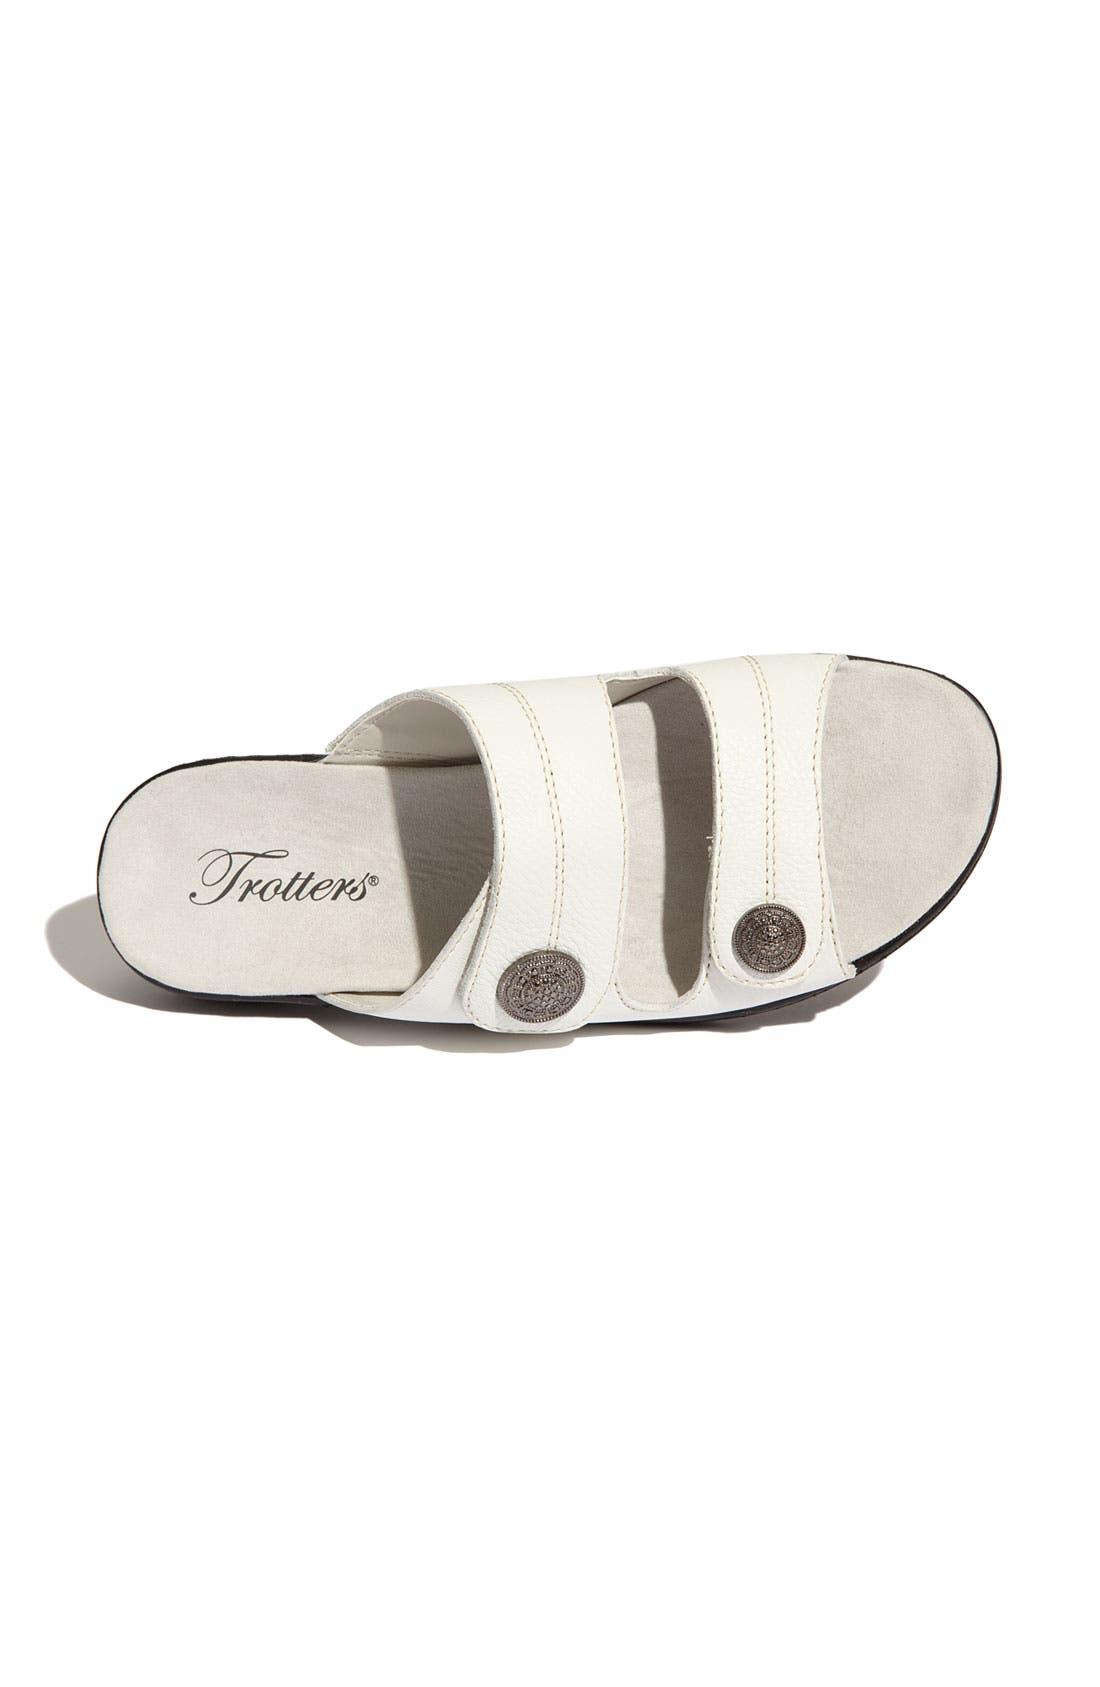 Alternate Image 3  - Trotters 'Kassie' Sandal